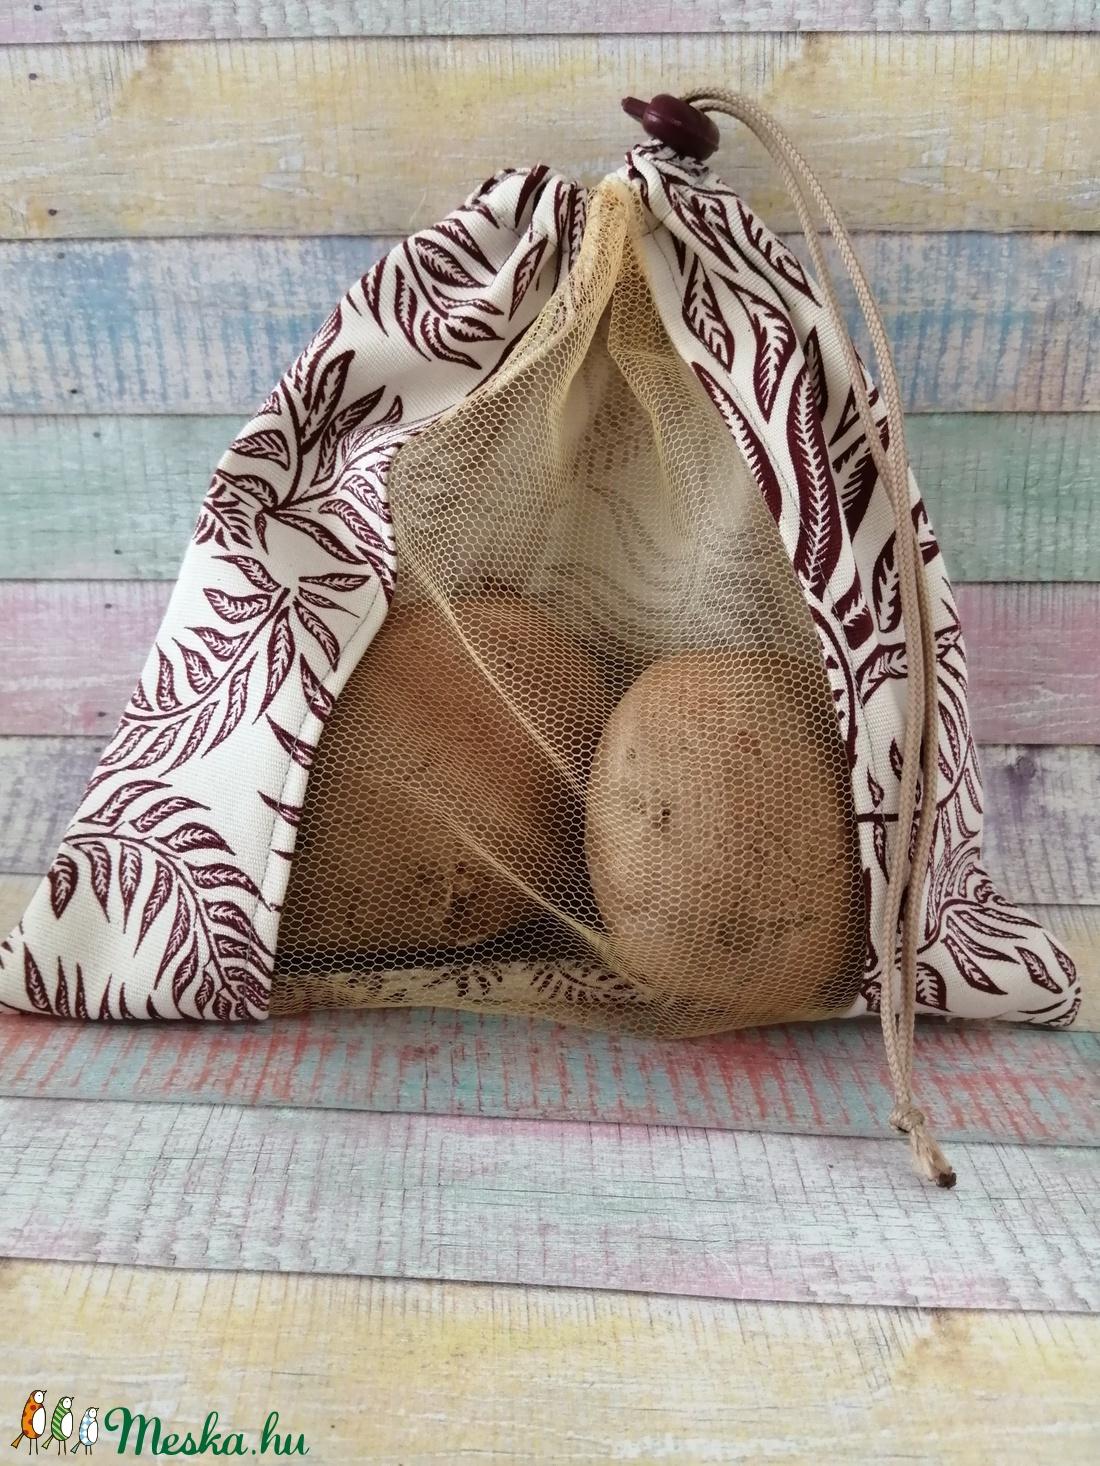 Bordó levél mintás textil zsák/ öko zacskó  - táska & tok - bevásárlás & shopper táska - zöldség/gyümölcs zsák - Meska.hu